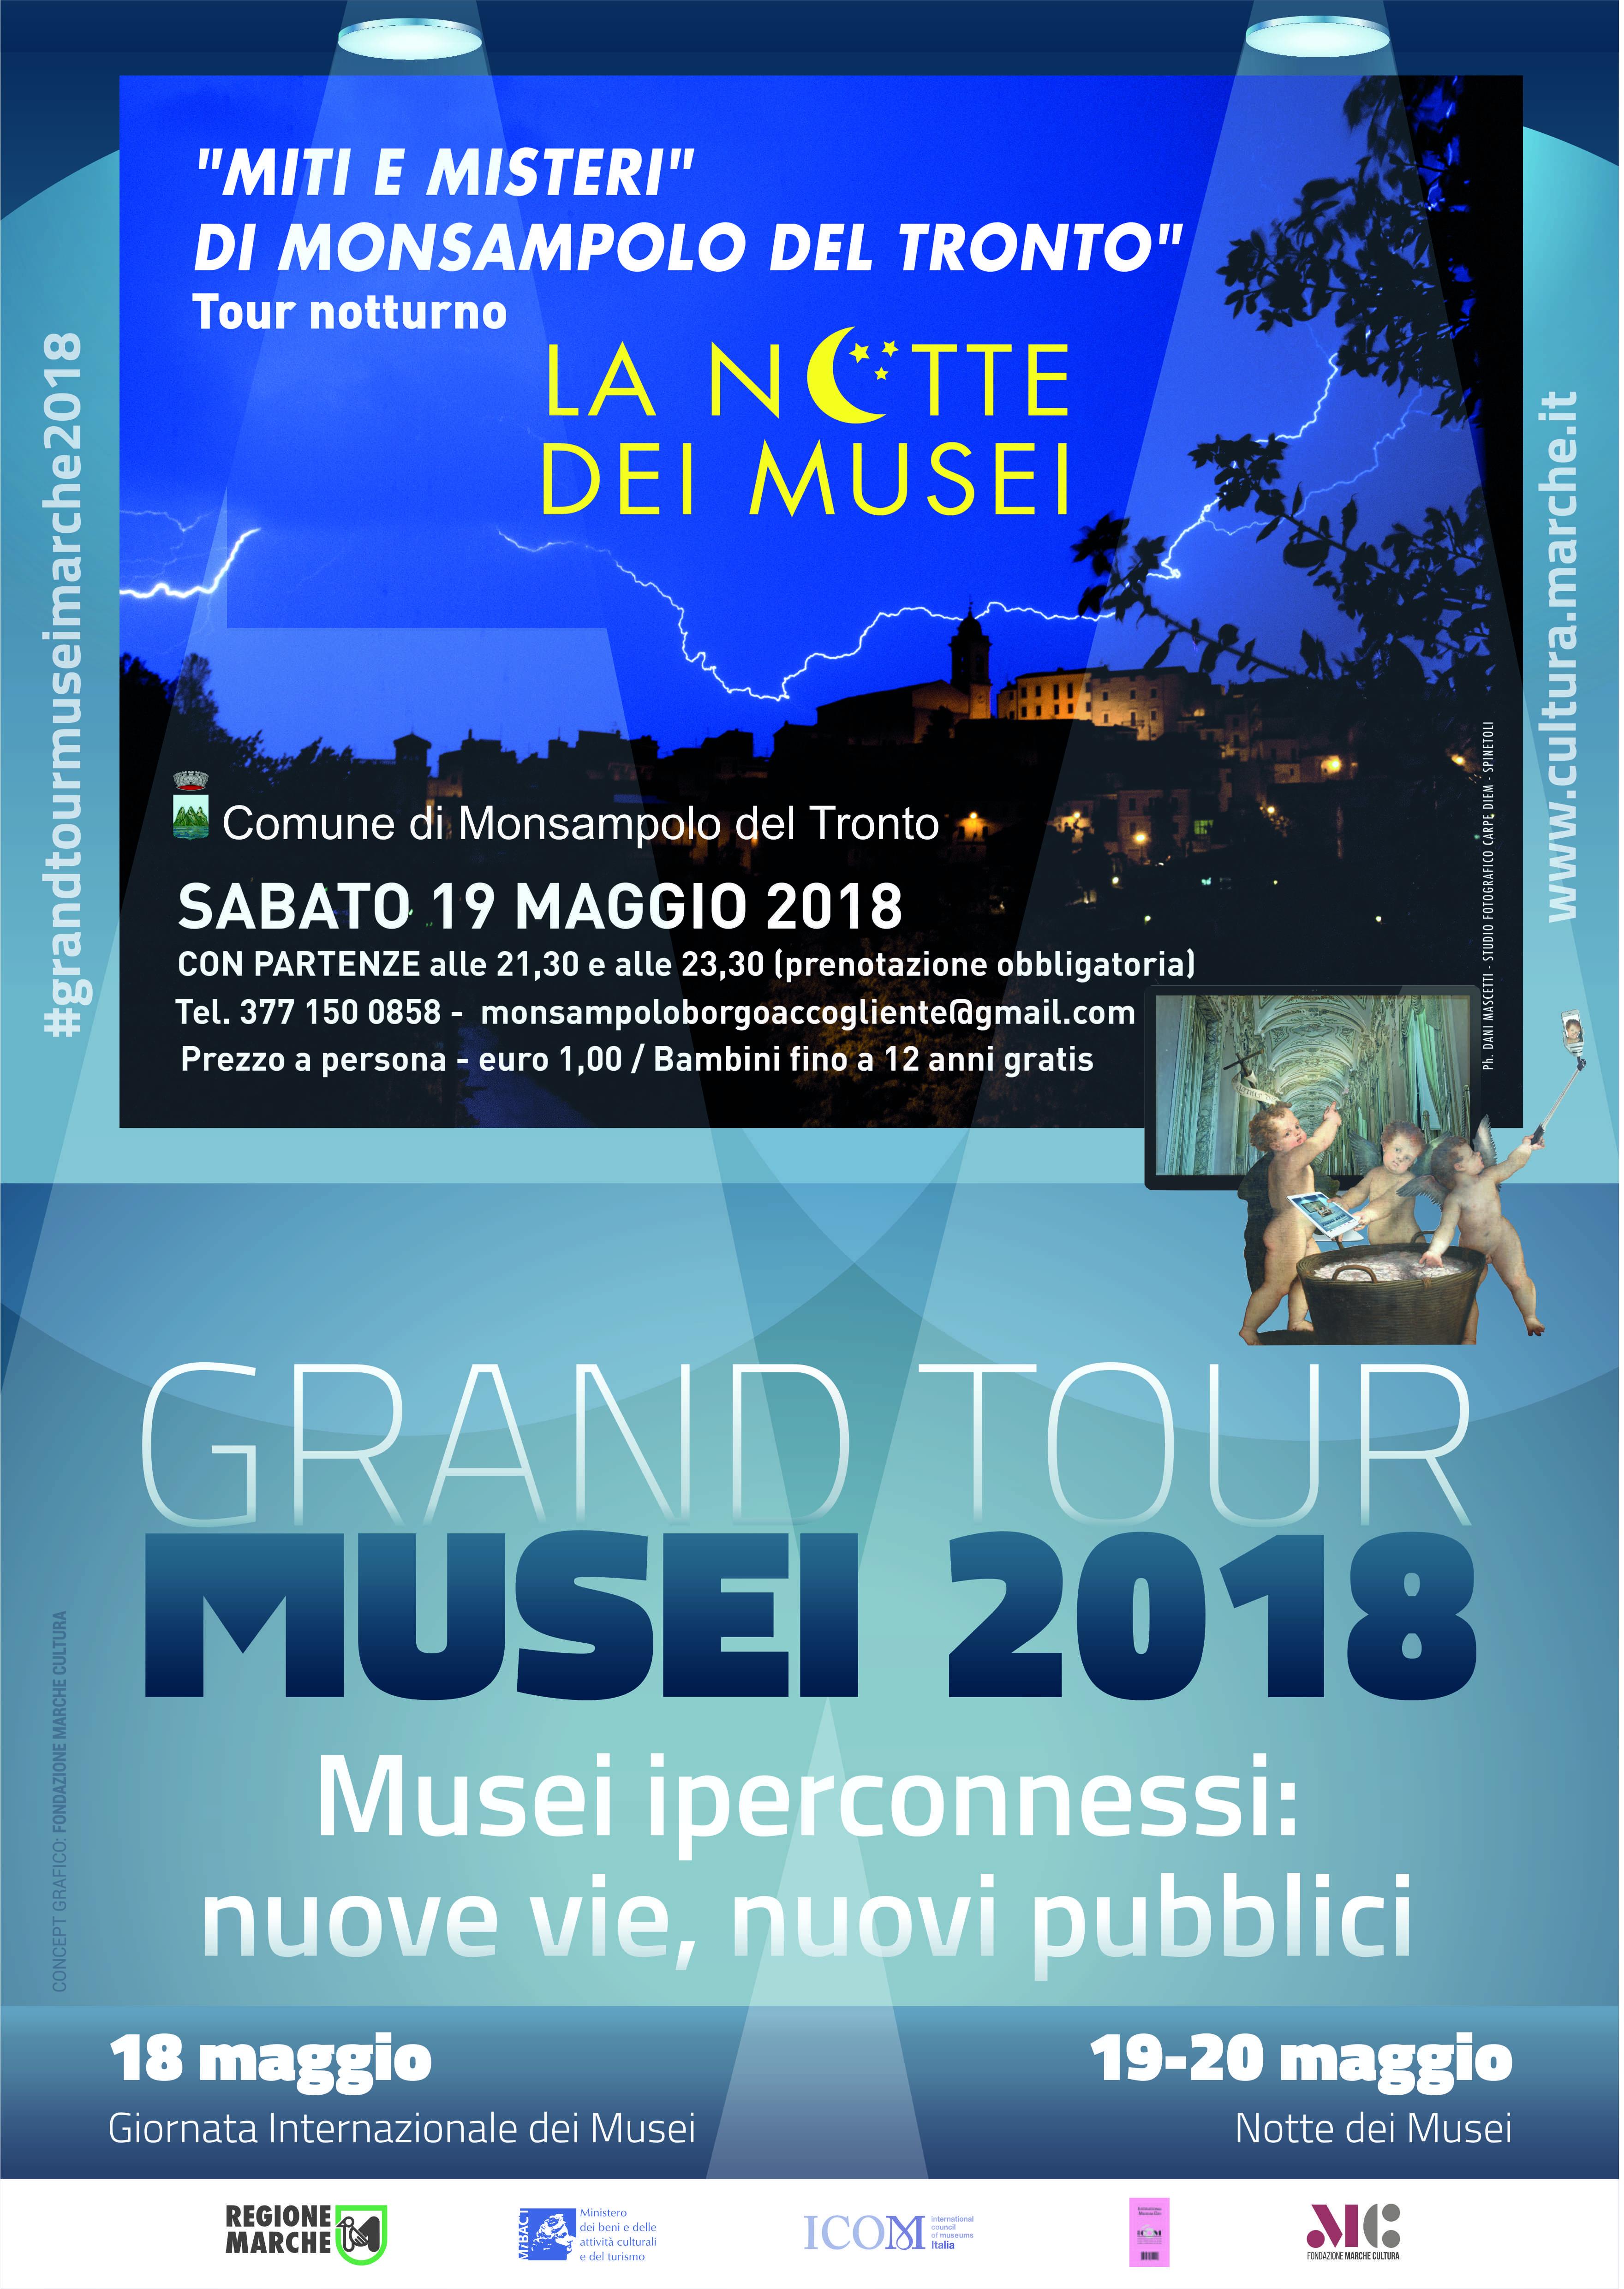 notte dei musei 2018 monsampolo del tronto